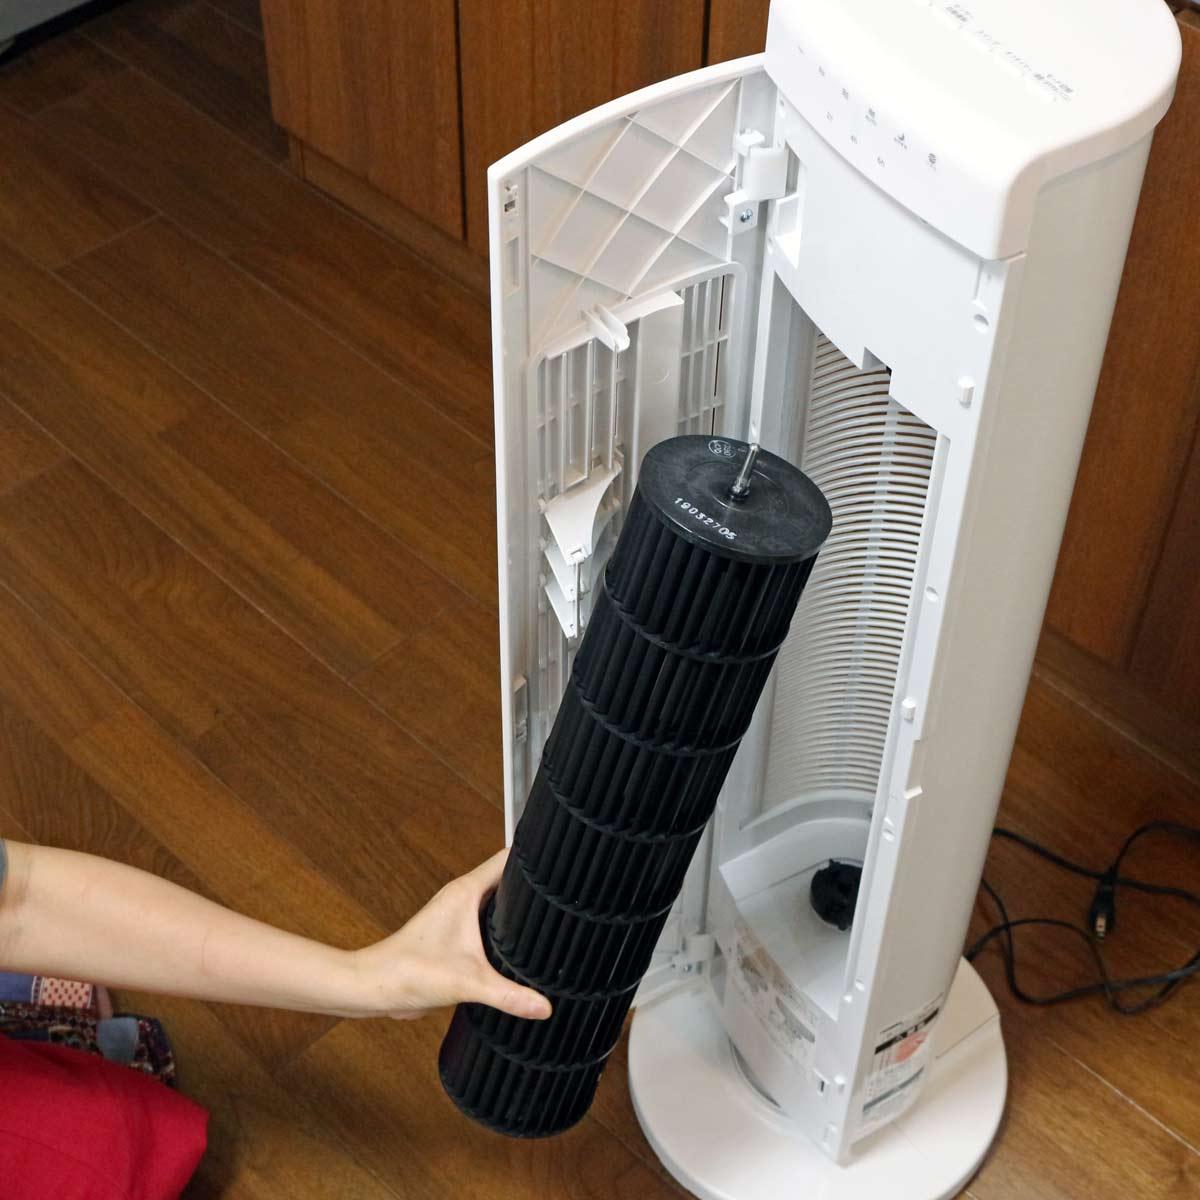 ファンが丸洗いできるって最高!キレイな風で涼めるツインバードのタワーファンは気持ちいい!!